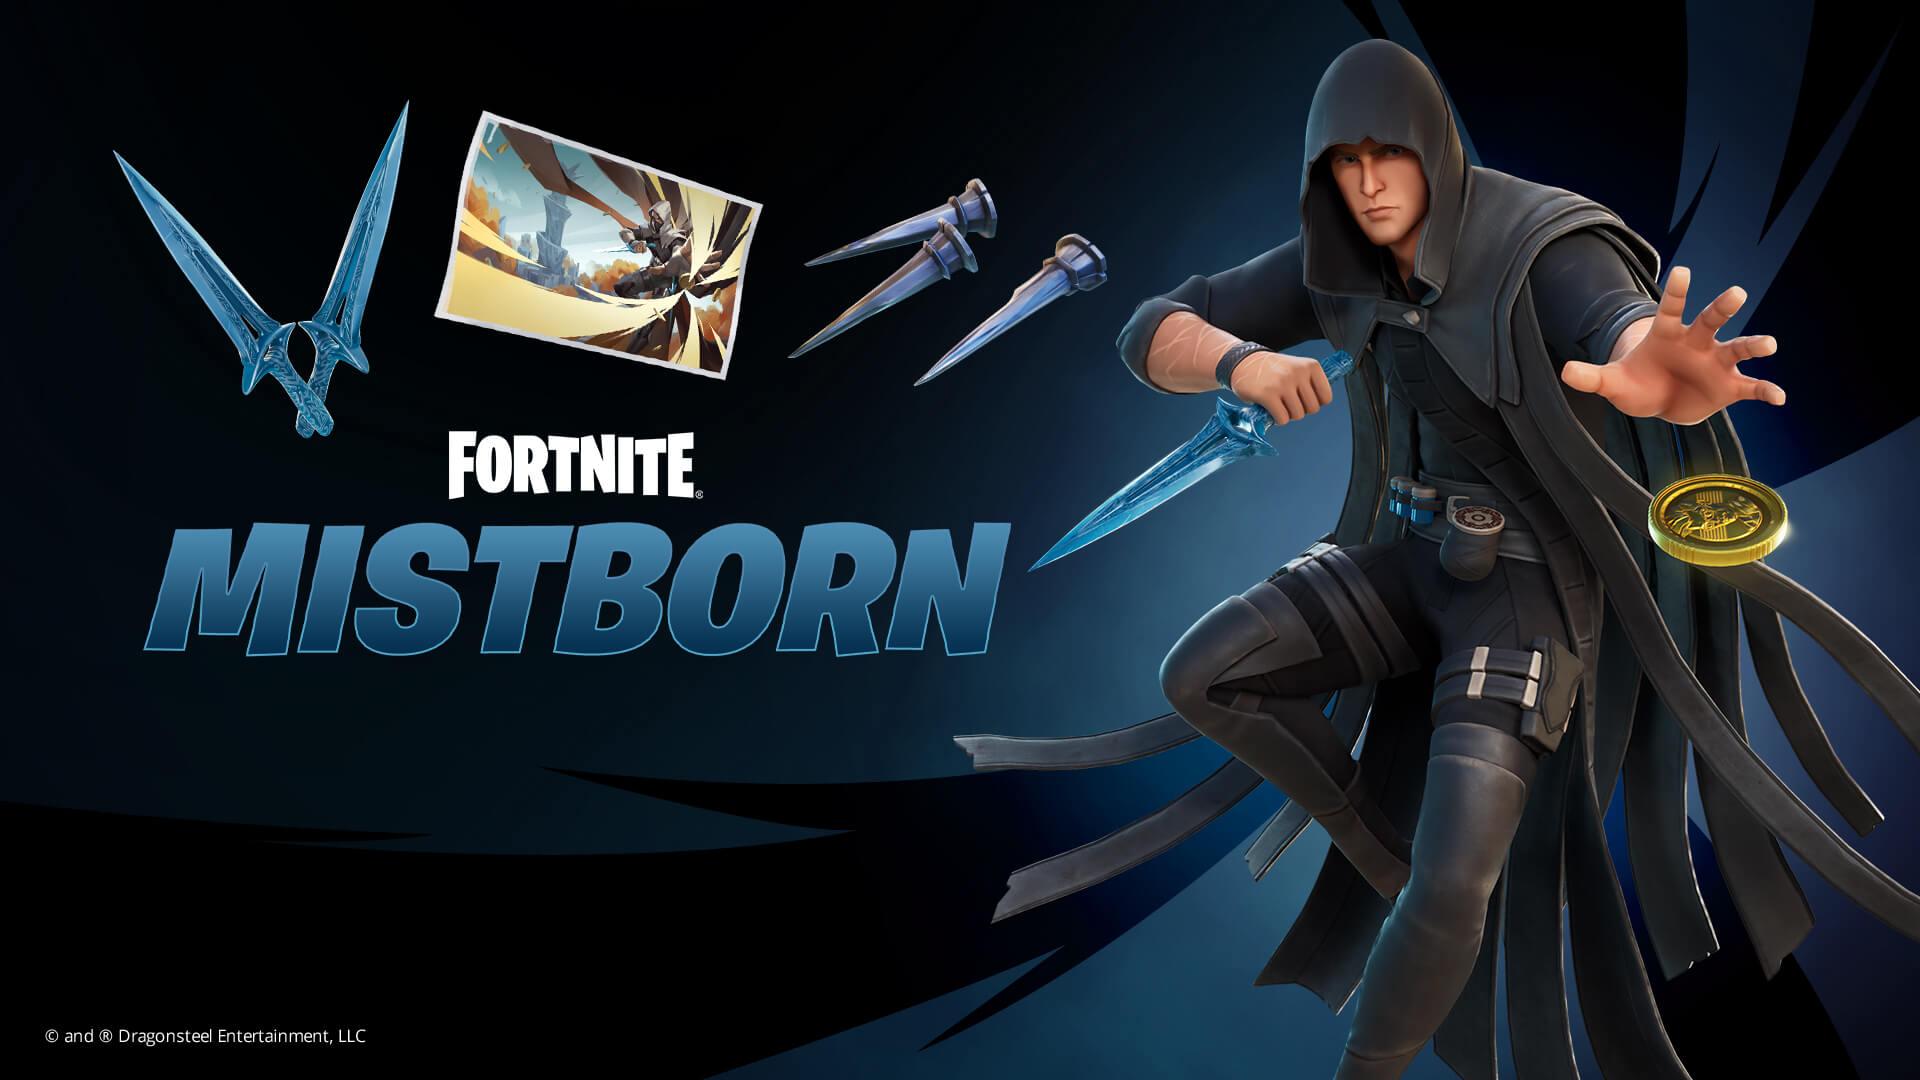 Fortnite Mistborn and Kelsier Items